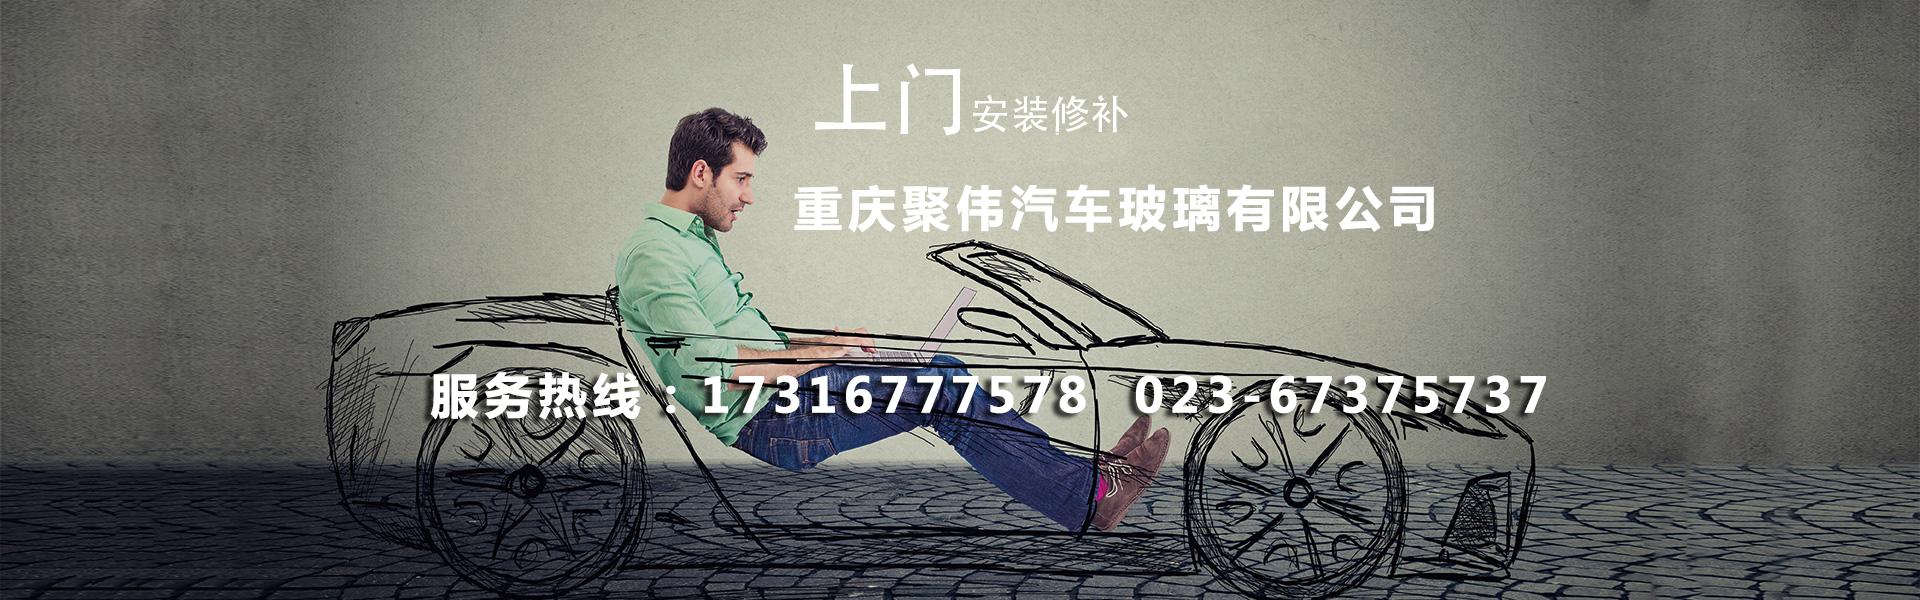 重庆聚伟汽车而玻璃有限公司提供上门安装修补服务